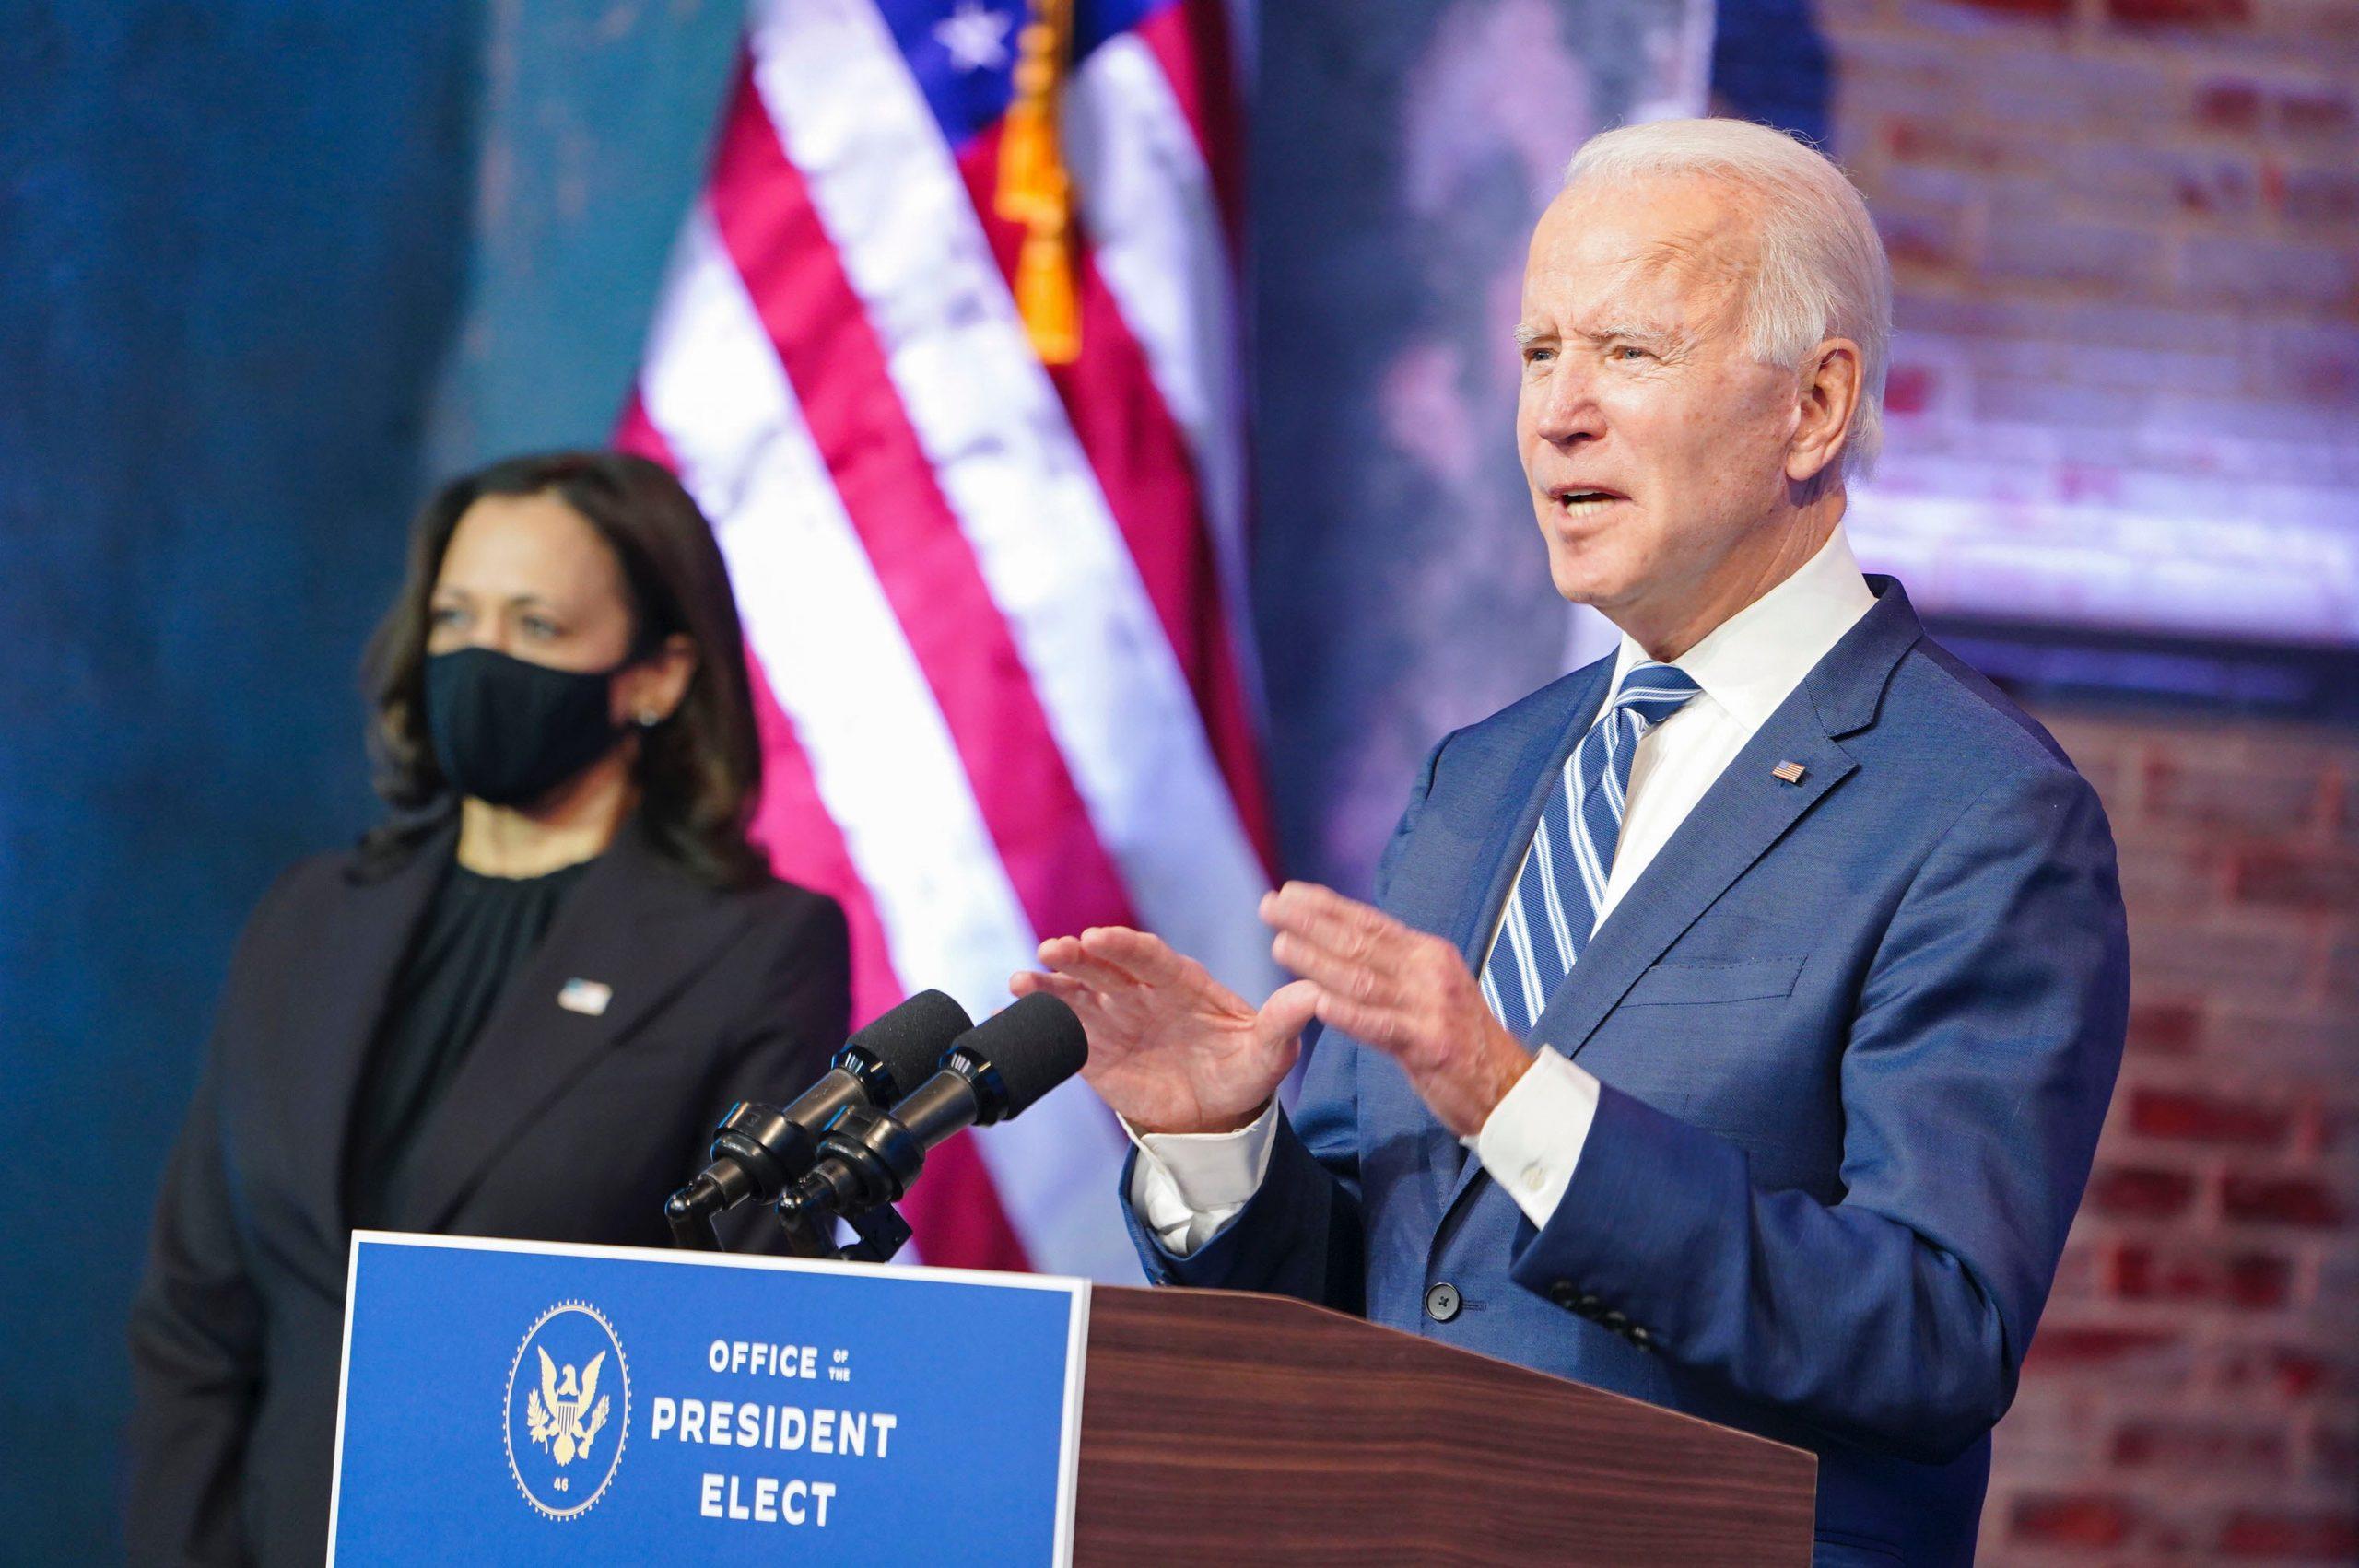 Joe Biden [PHOTO CREDIT: @JoeBiden]